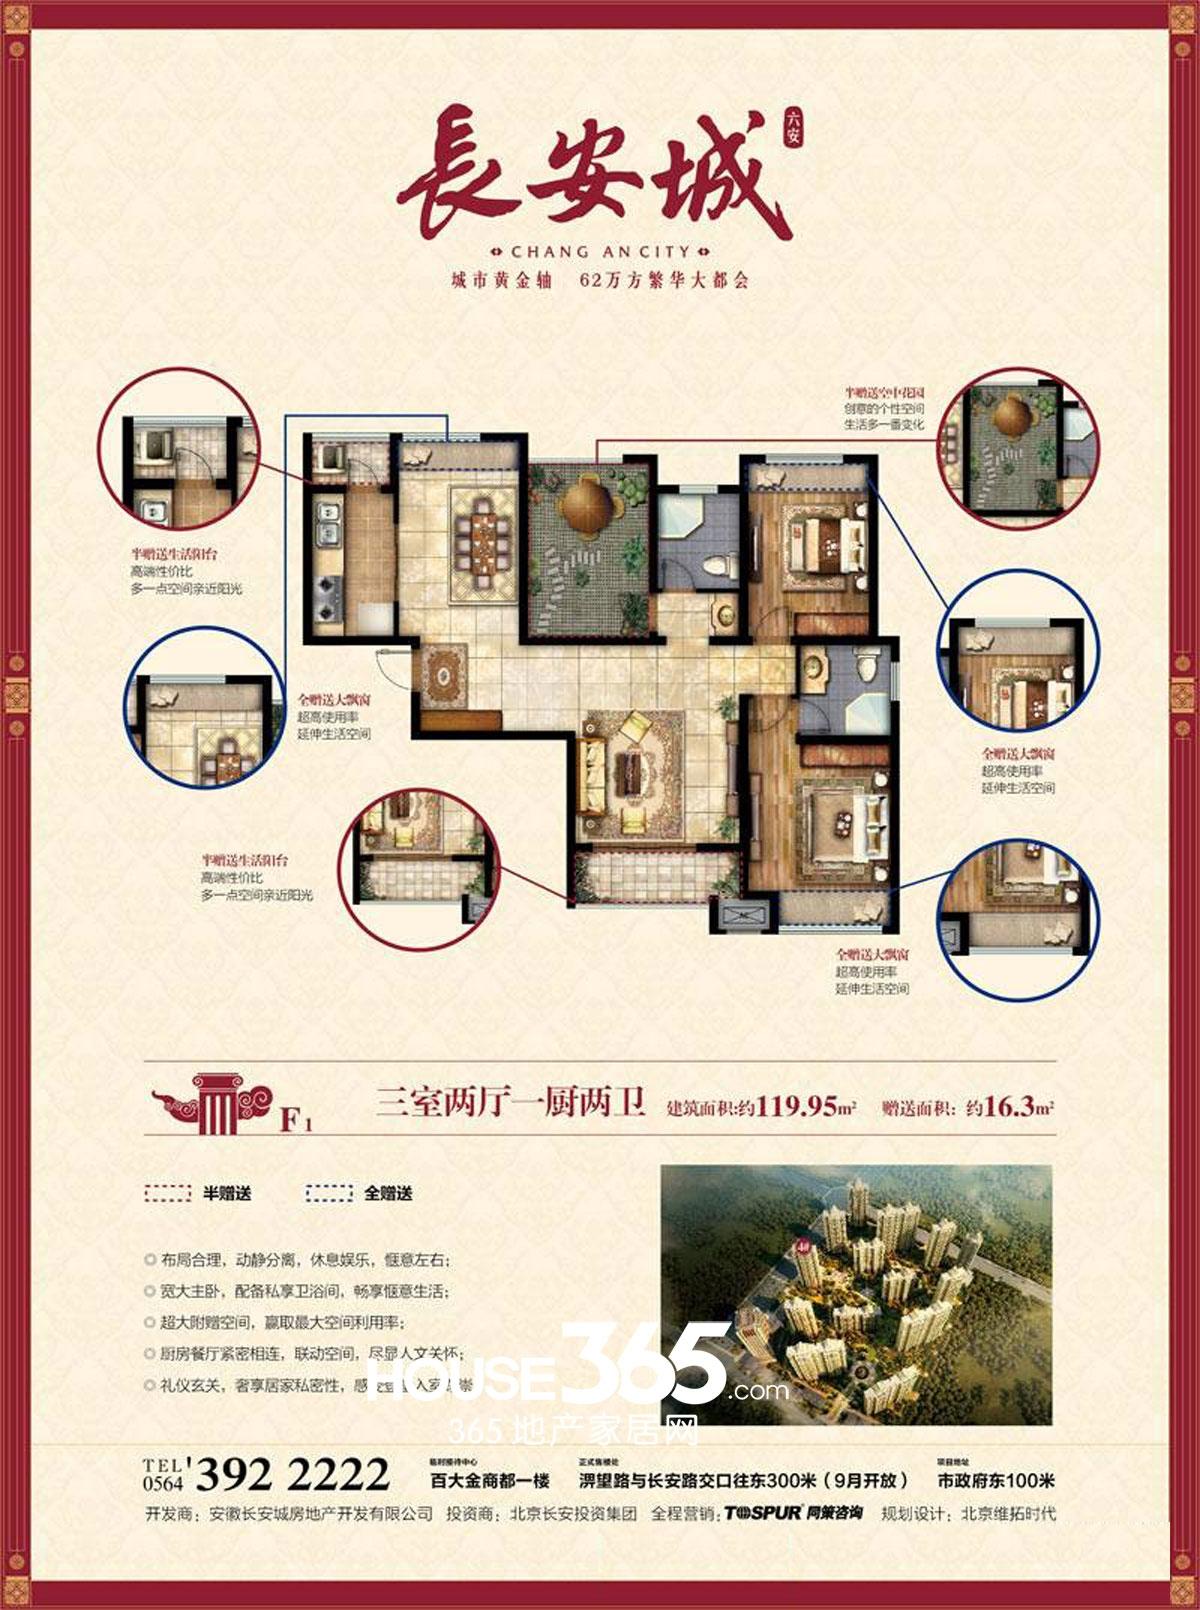 长安城4#F1户型图